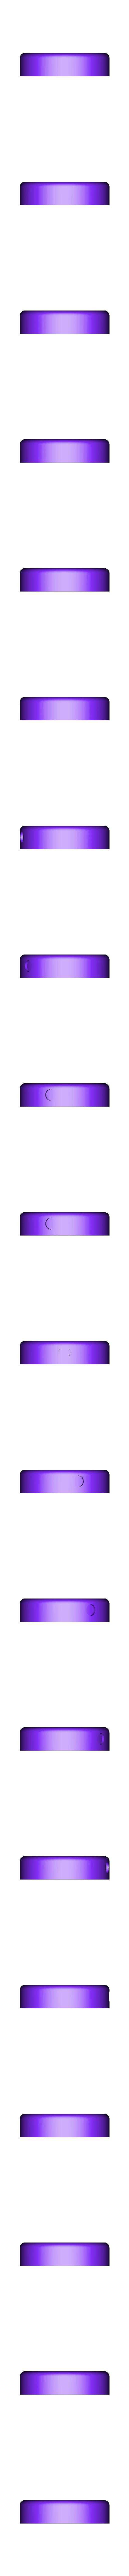 cactus_base.stl Télécharger fichier STL gratuit Cactus desk lamp • Design pour impression 3D, BREMMALAN